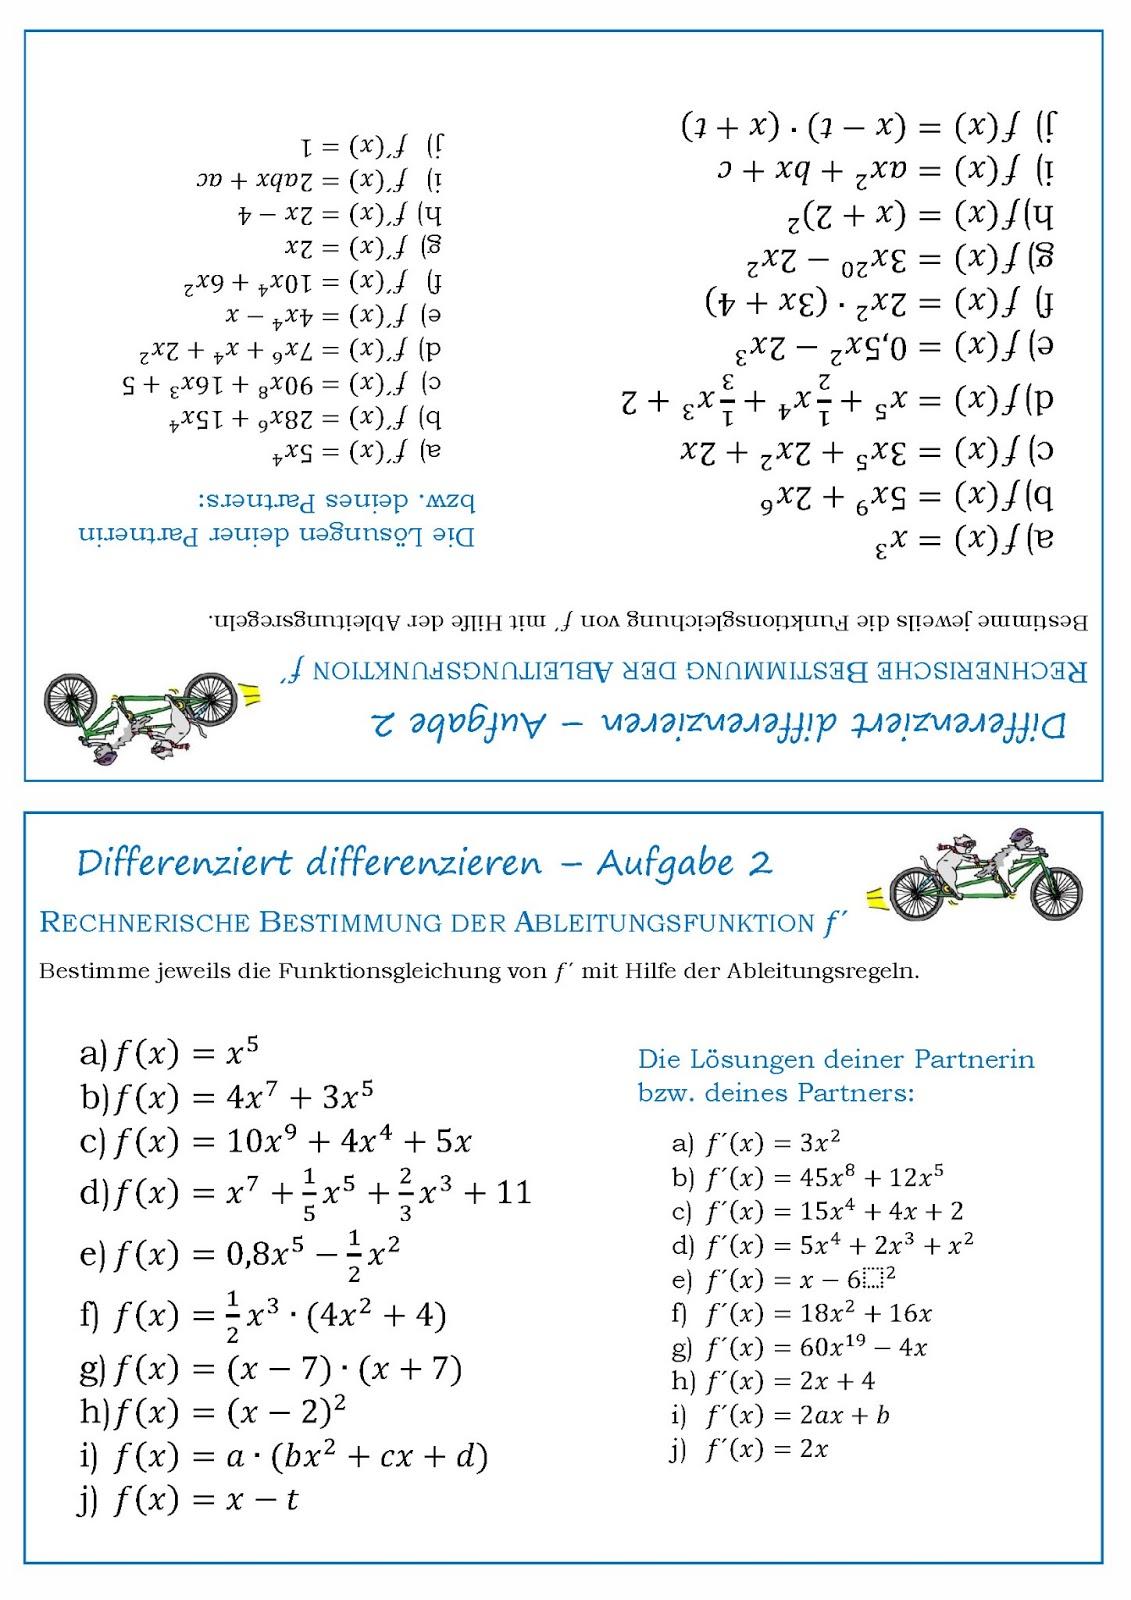 mathegehoertmir - LernweBLOGbuch E-Kurs 10.2: Mai 2013